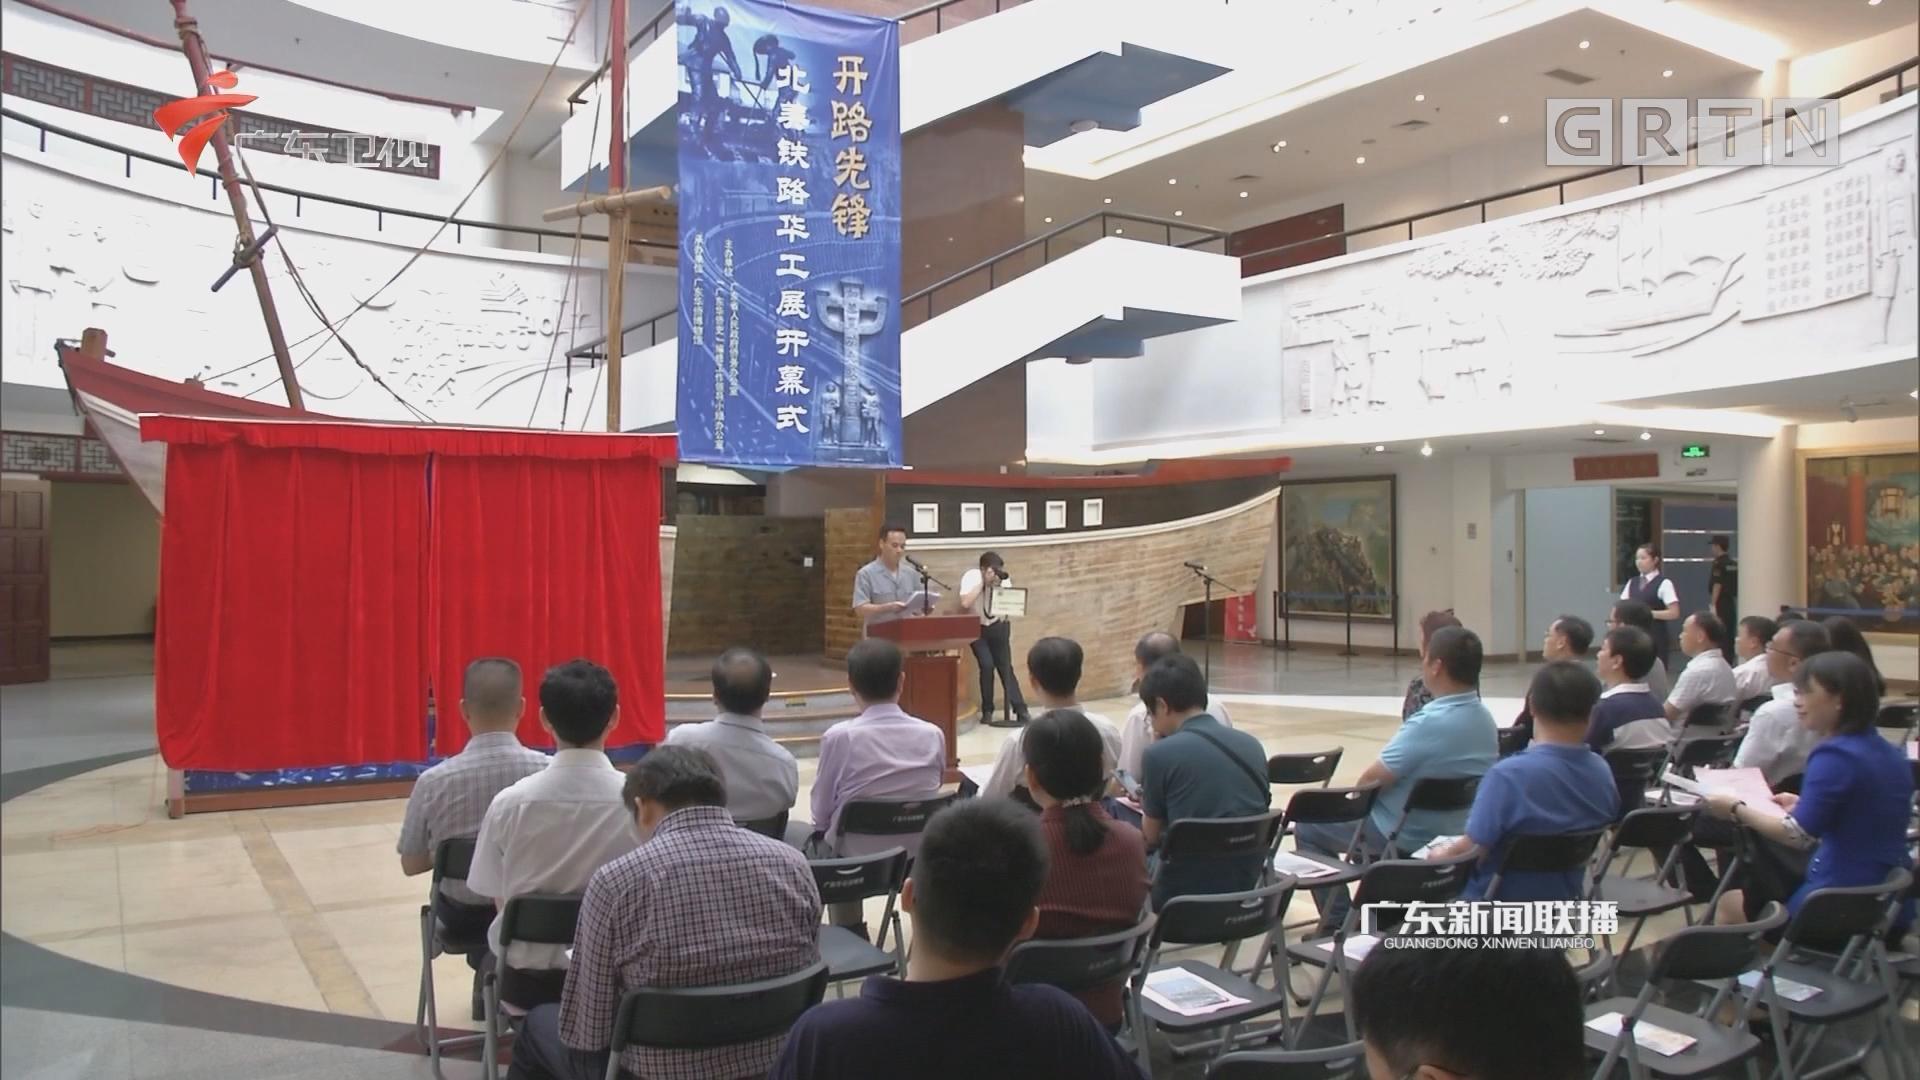 《开路先锋——北美铁路华工展》在广东华侨博物馆开幕